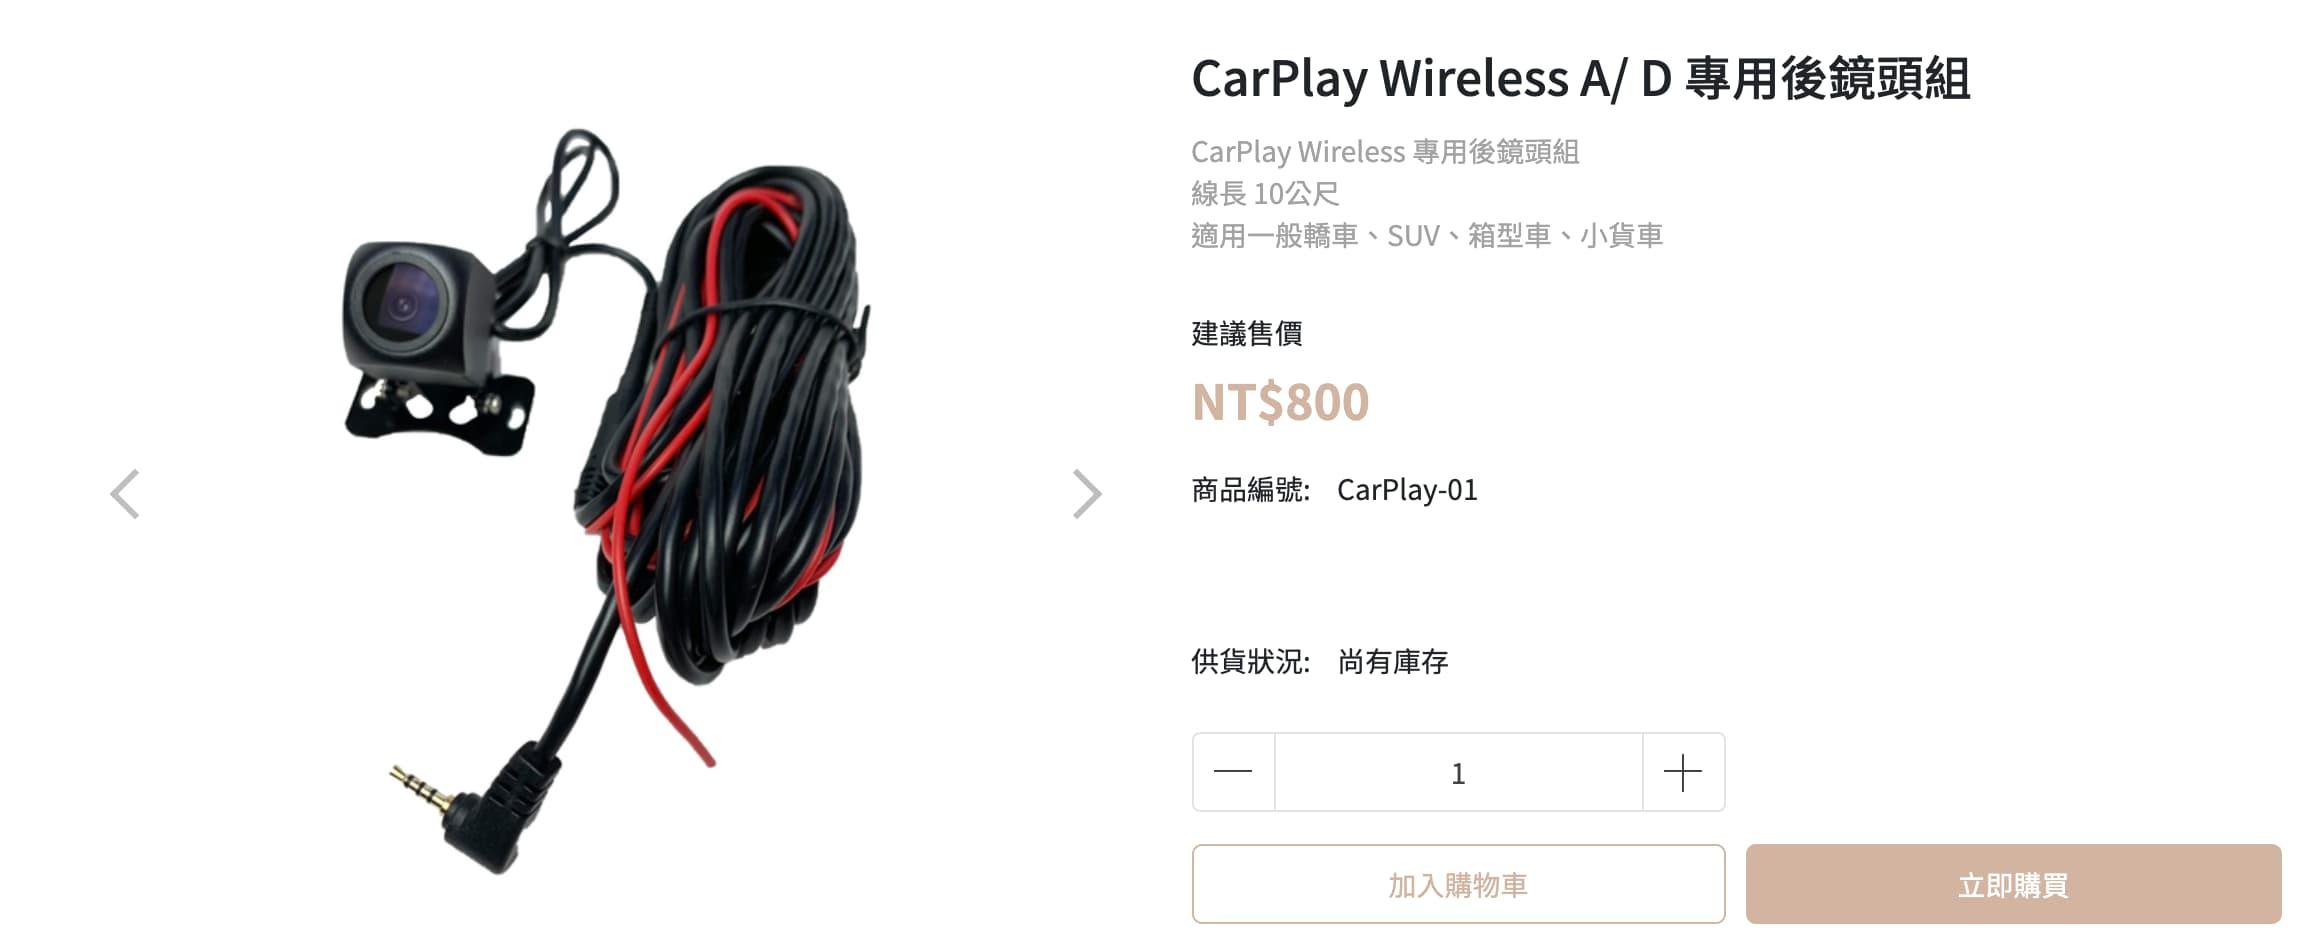 CarPlay Wireless D 支援倒車顯影功能2